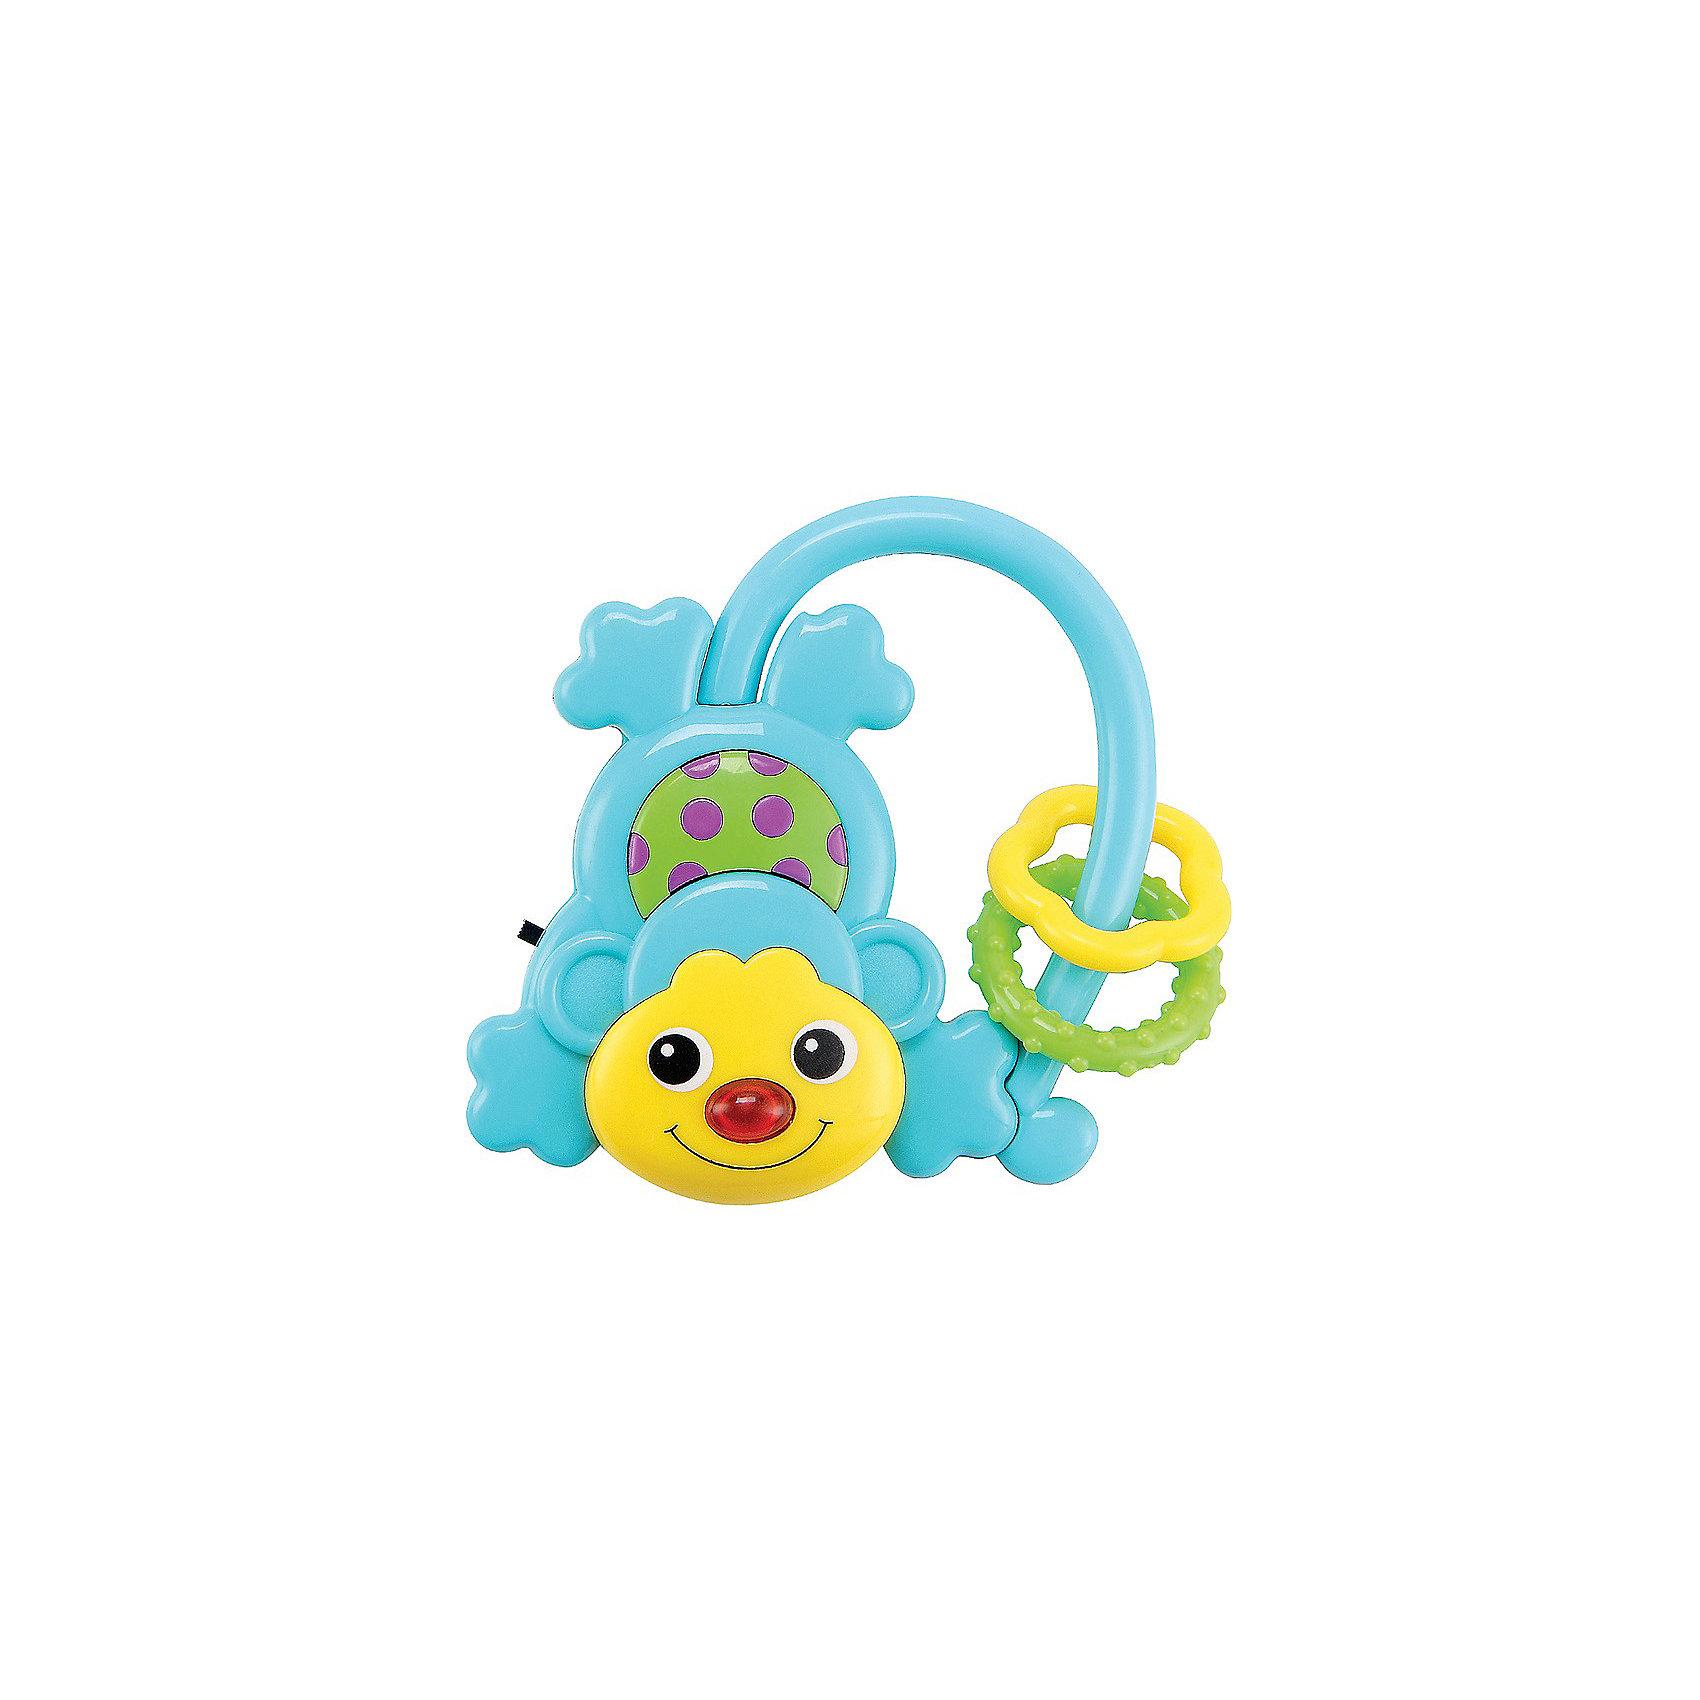 Музыкальная игрушка Обезьянка MONKUS Happy BabyИгрушки для малышей<br>Музыкальная обезьянка MONKUS<br><br>Развивает: координацию движений; слуховое, тактильное и зрительное восприятие; познавательный интерес; тактильные ощущения.<br><br>Характеристики: зеркальная поверхность на животике; звуковой эффект; при нажатии на кнопку загорается лампочка.<br><br>Дополнительная информация:<br><br>Материал: АБС-пластик, термопластичная резина.<br>Батарейки в комплекте.<br><br>Музыкальная игрушка Обезьянка MONKUS Happy Baby можно купить в нашем интернет-магазине.<br><br>Ширина мм: 180<br>Глубина мм: 125<br>Высота мм: 20<br>Вес г: 70<br>Возраст от месяцев: 3<br>Возраст до месяцев: 36<br>Пол: Унисекс<br>Возраст: Детский<br>SKU: 3408929